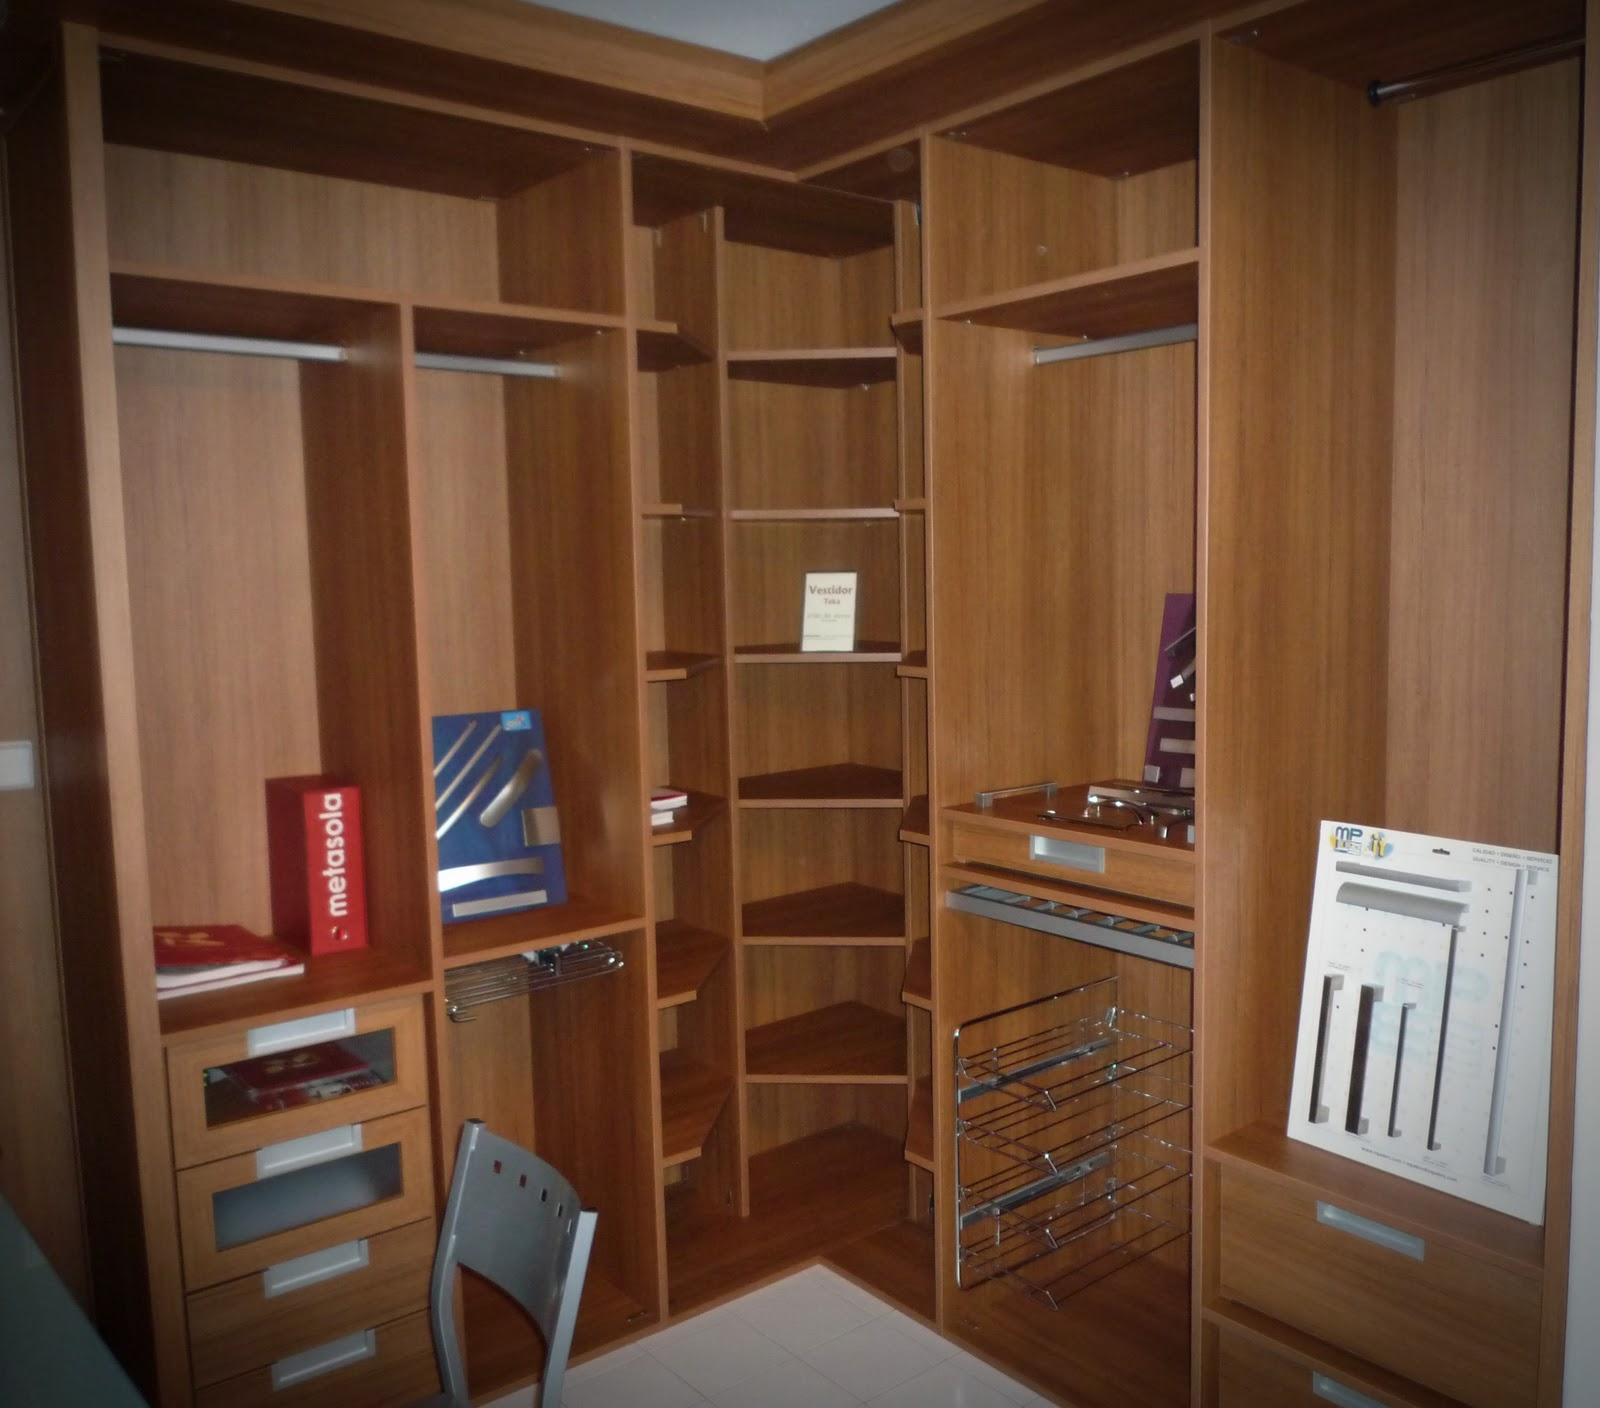 Los mejores muebles de cocina el almirez vestidor - Los mejores muebles de cocina ...